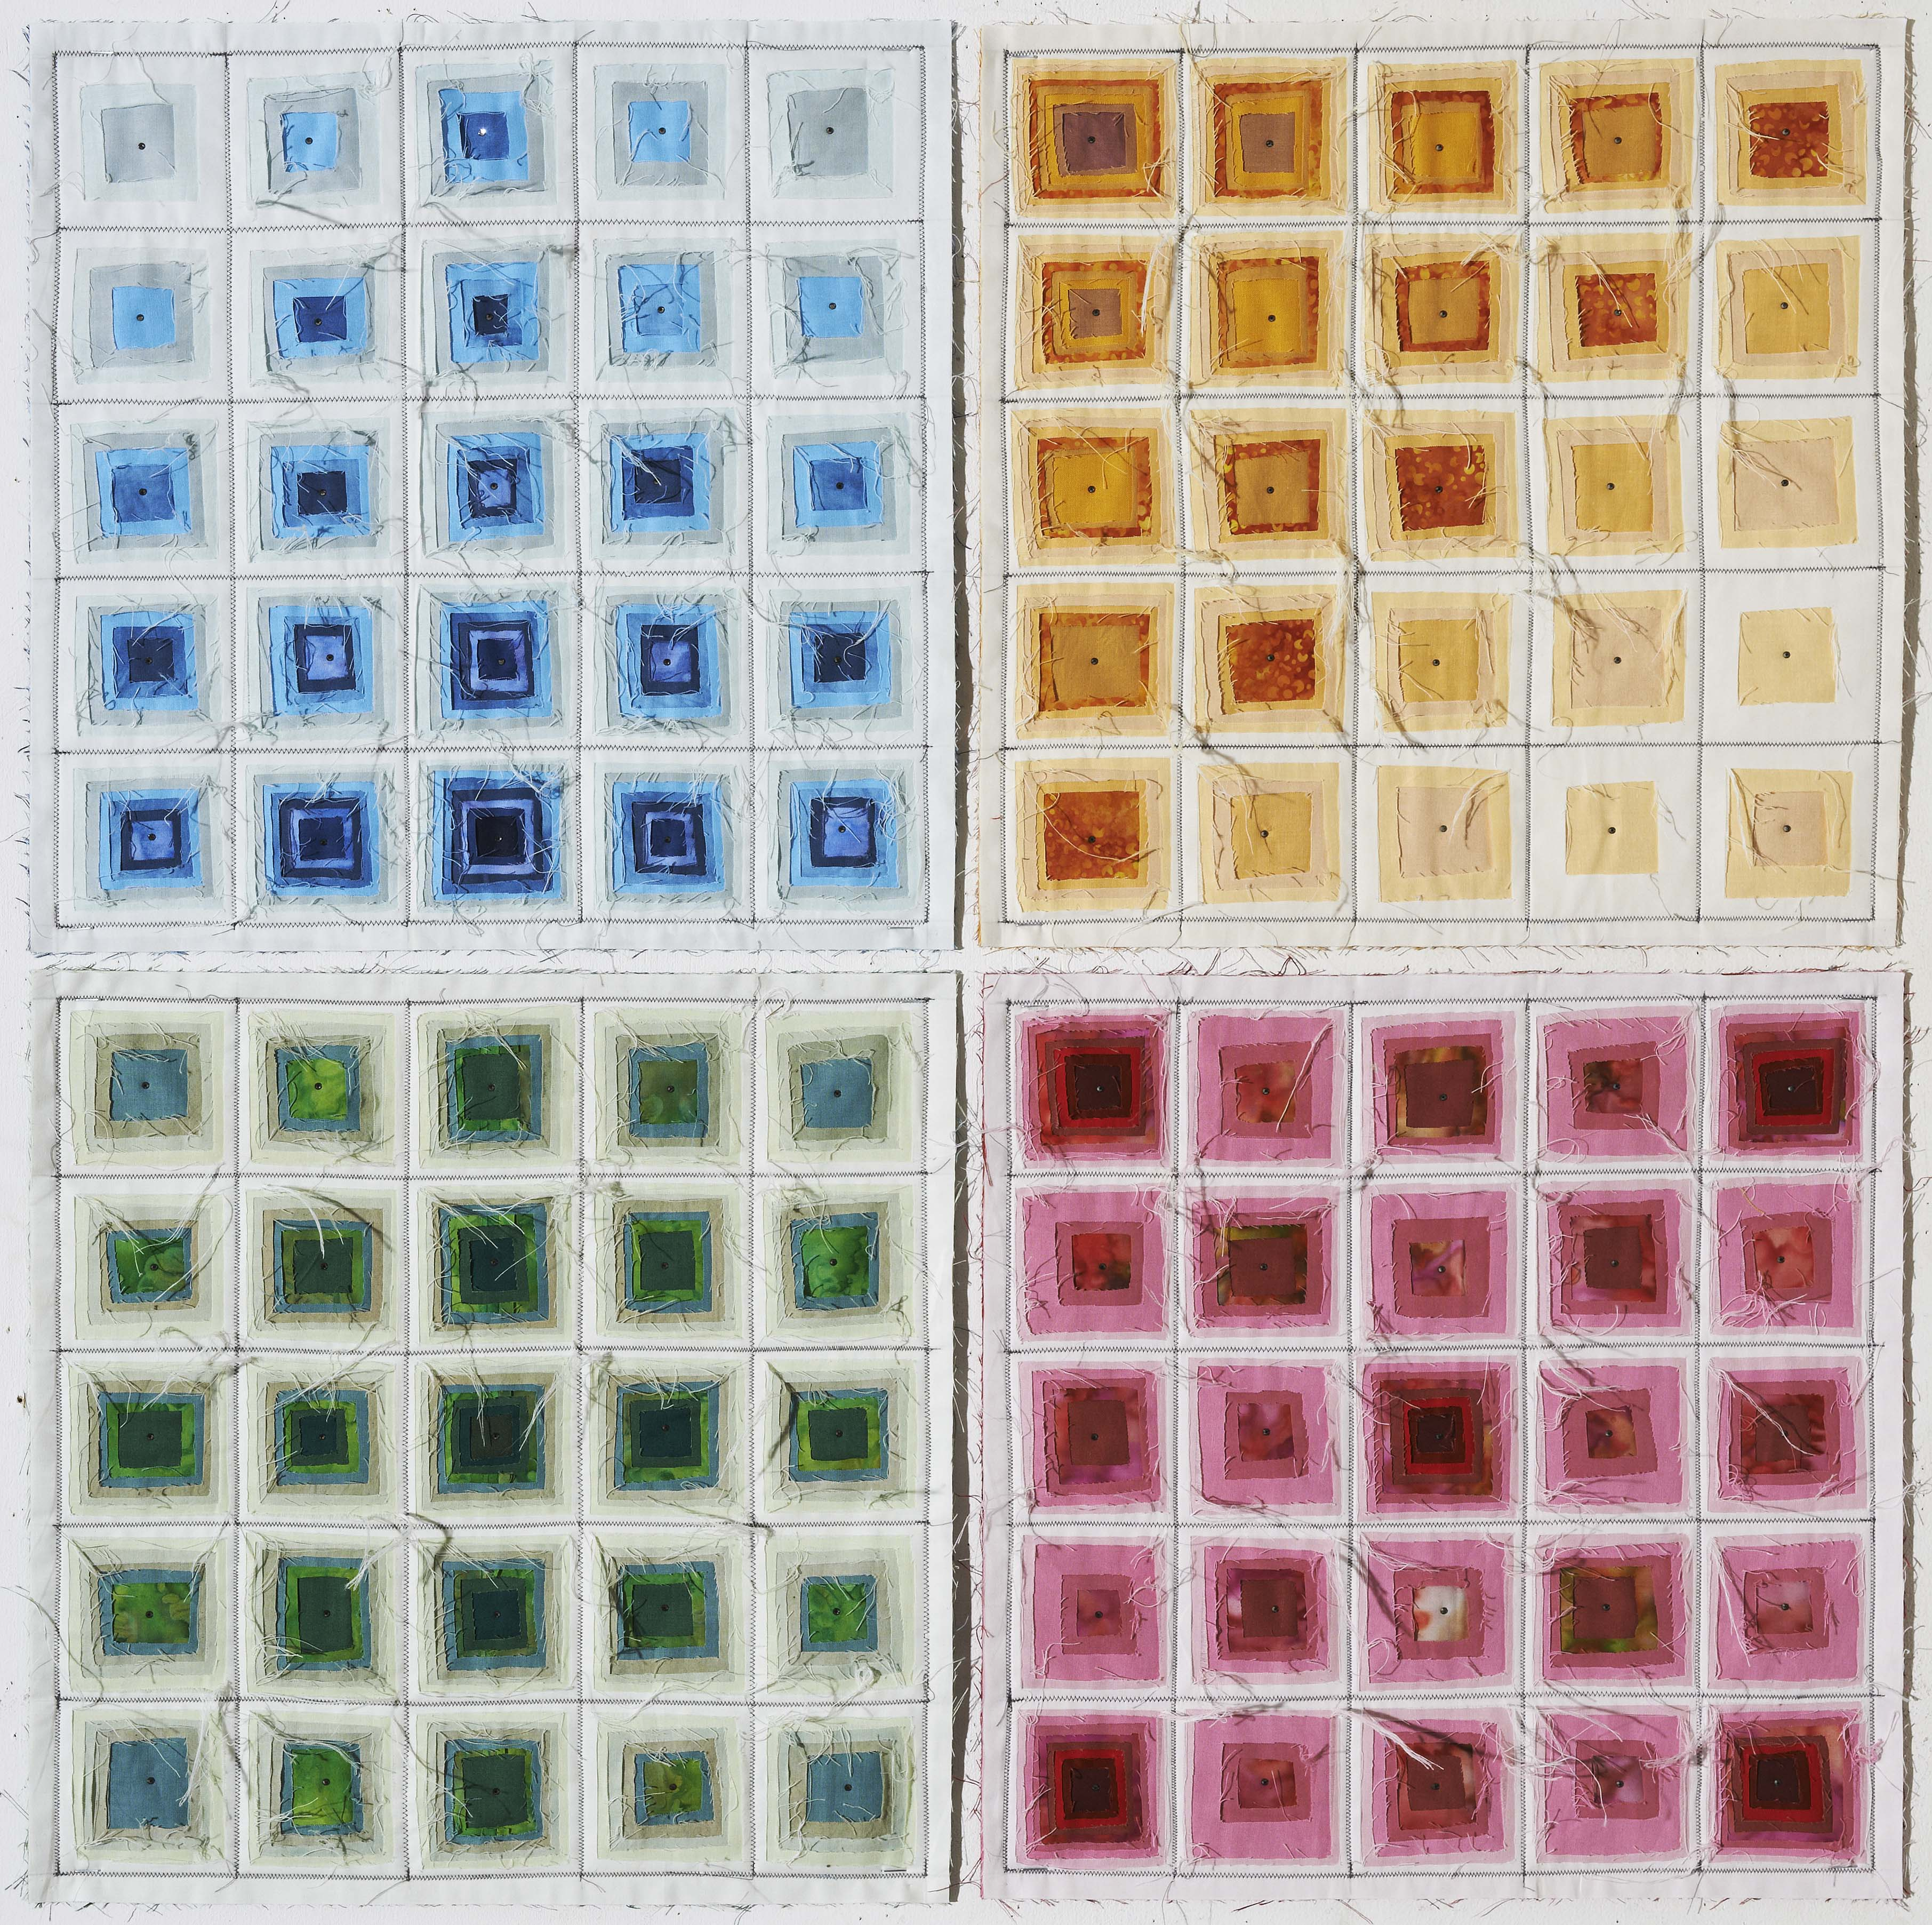 5-3)Square1,2,3,4-37.5x37.5cm,4pcs-2013